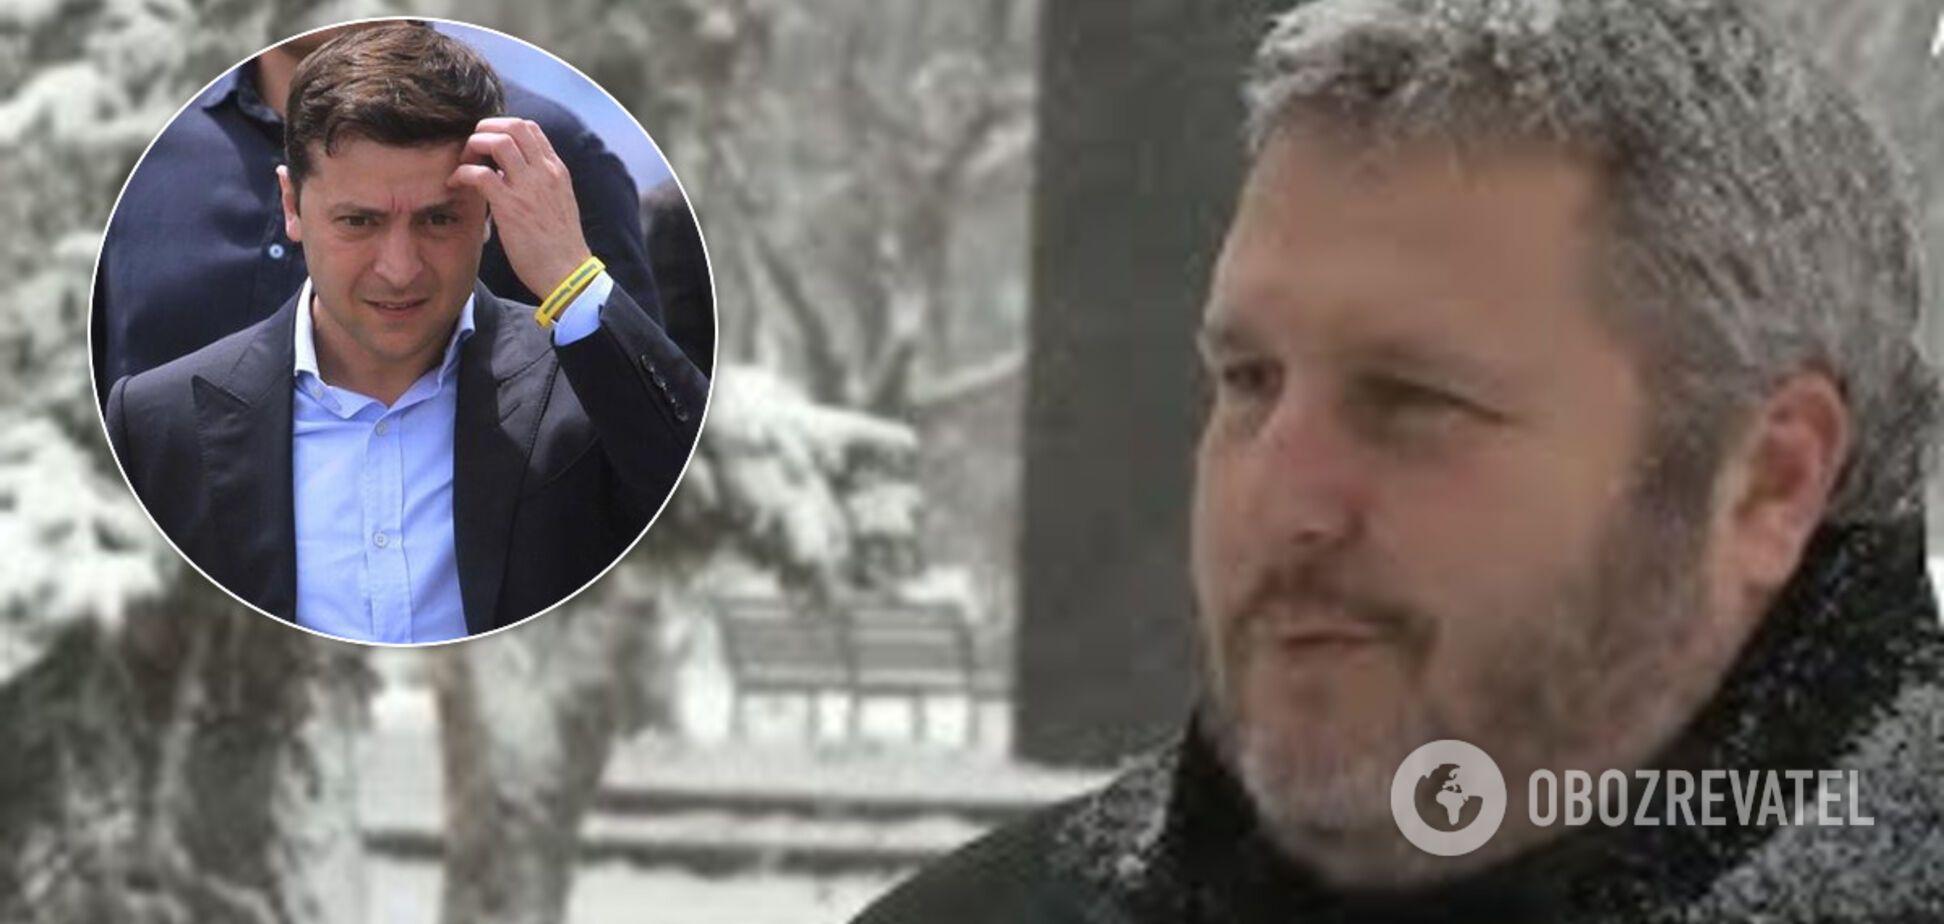 'Це злочин!' Офіцер, який розкритикував Зеленського, заявив про свавілля медиків